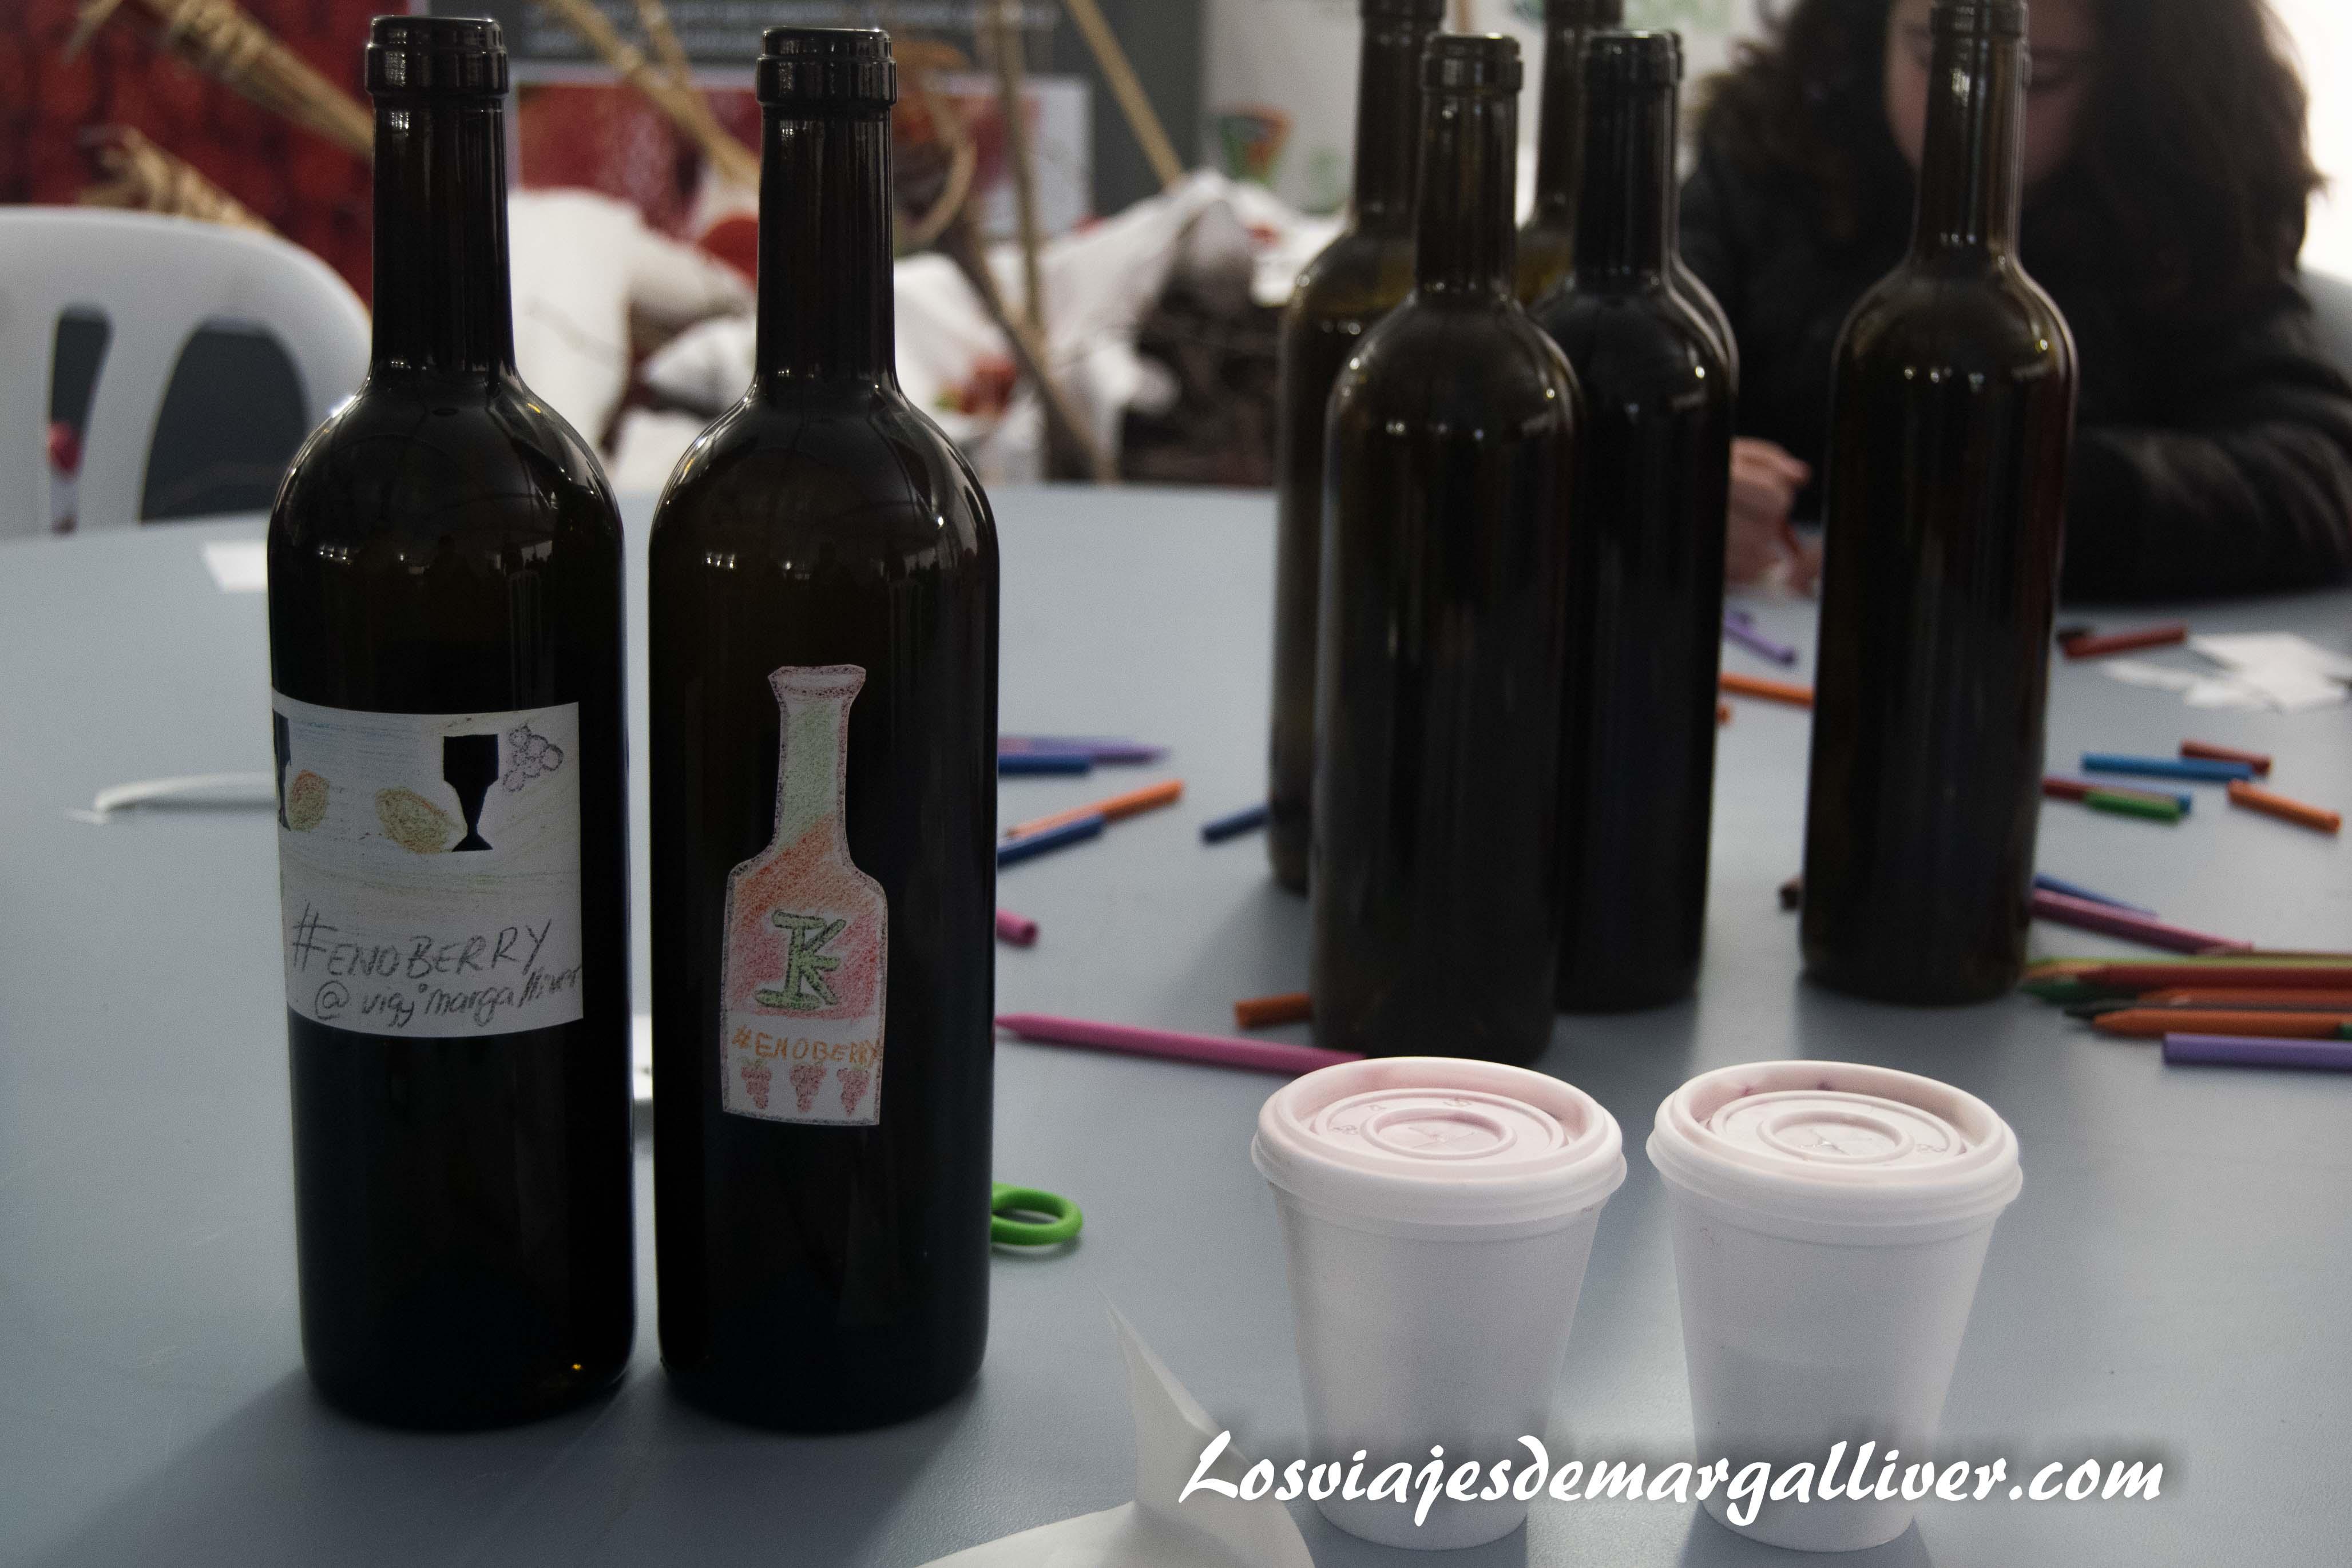 elaboración de etiquetas de vino personalizadas en Enoberry - Los viajes de Margalliver